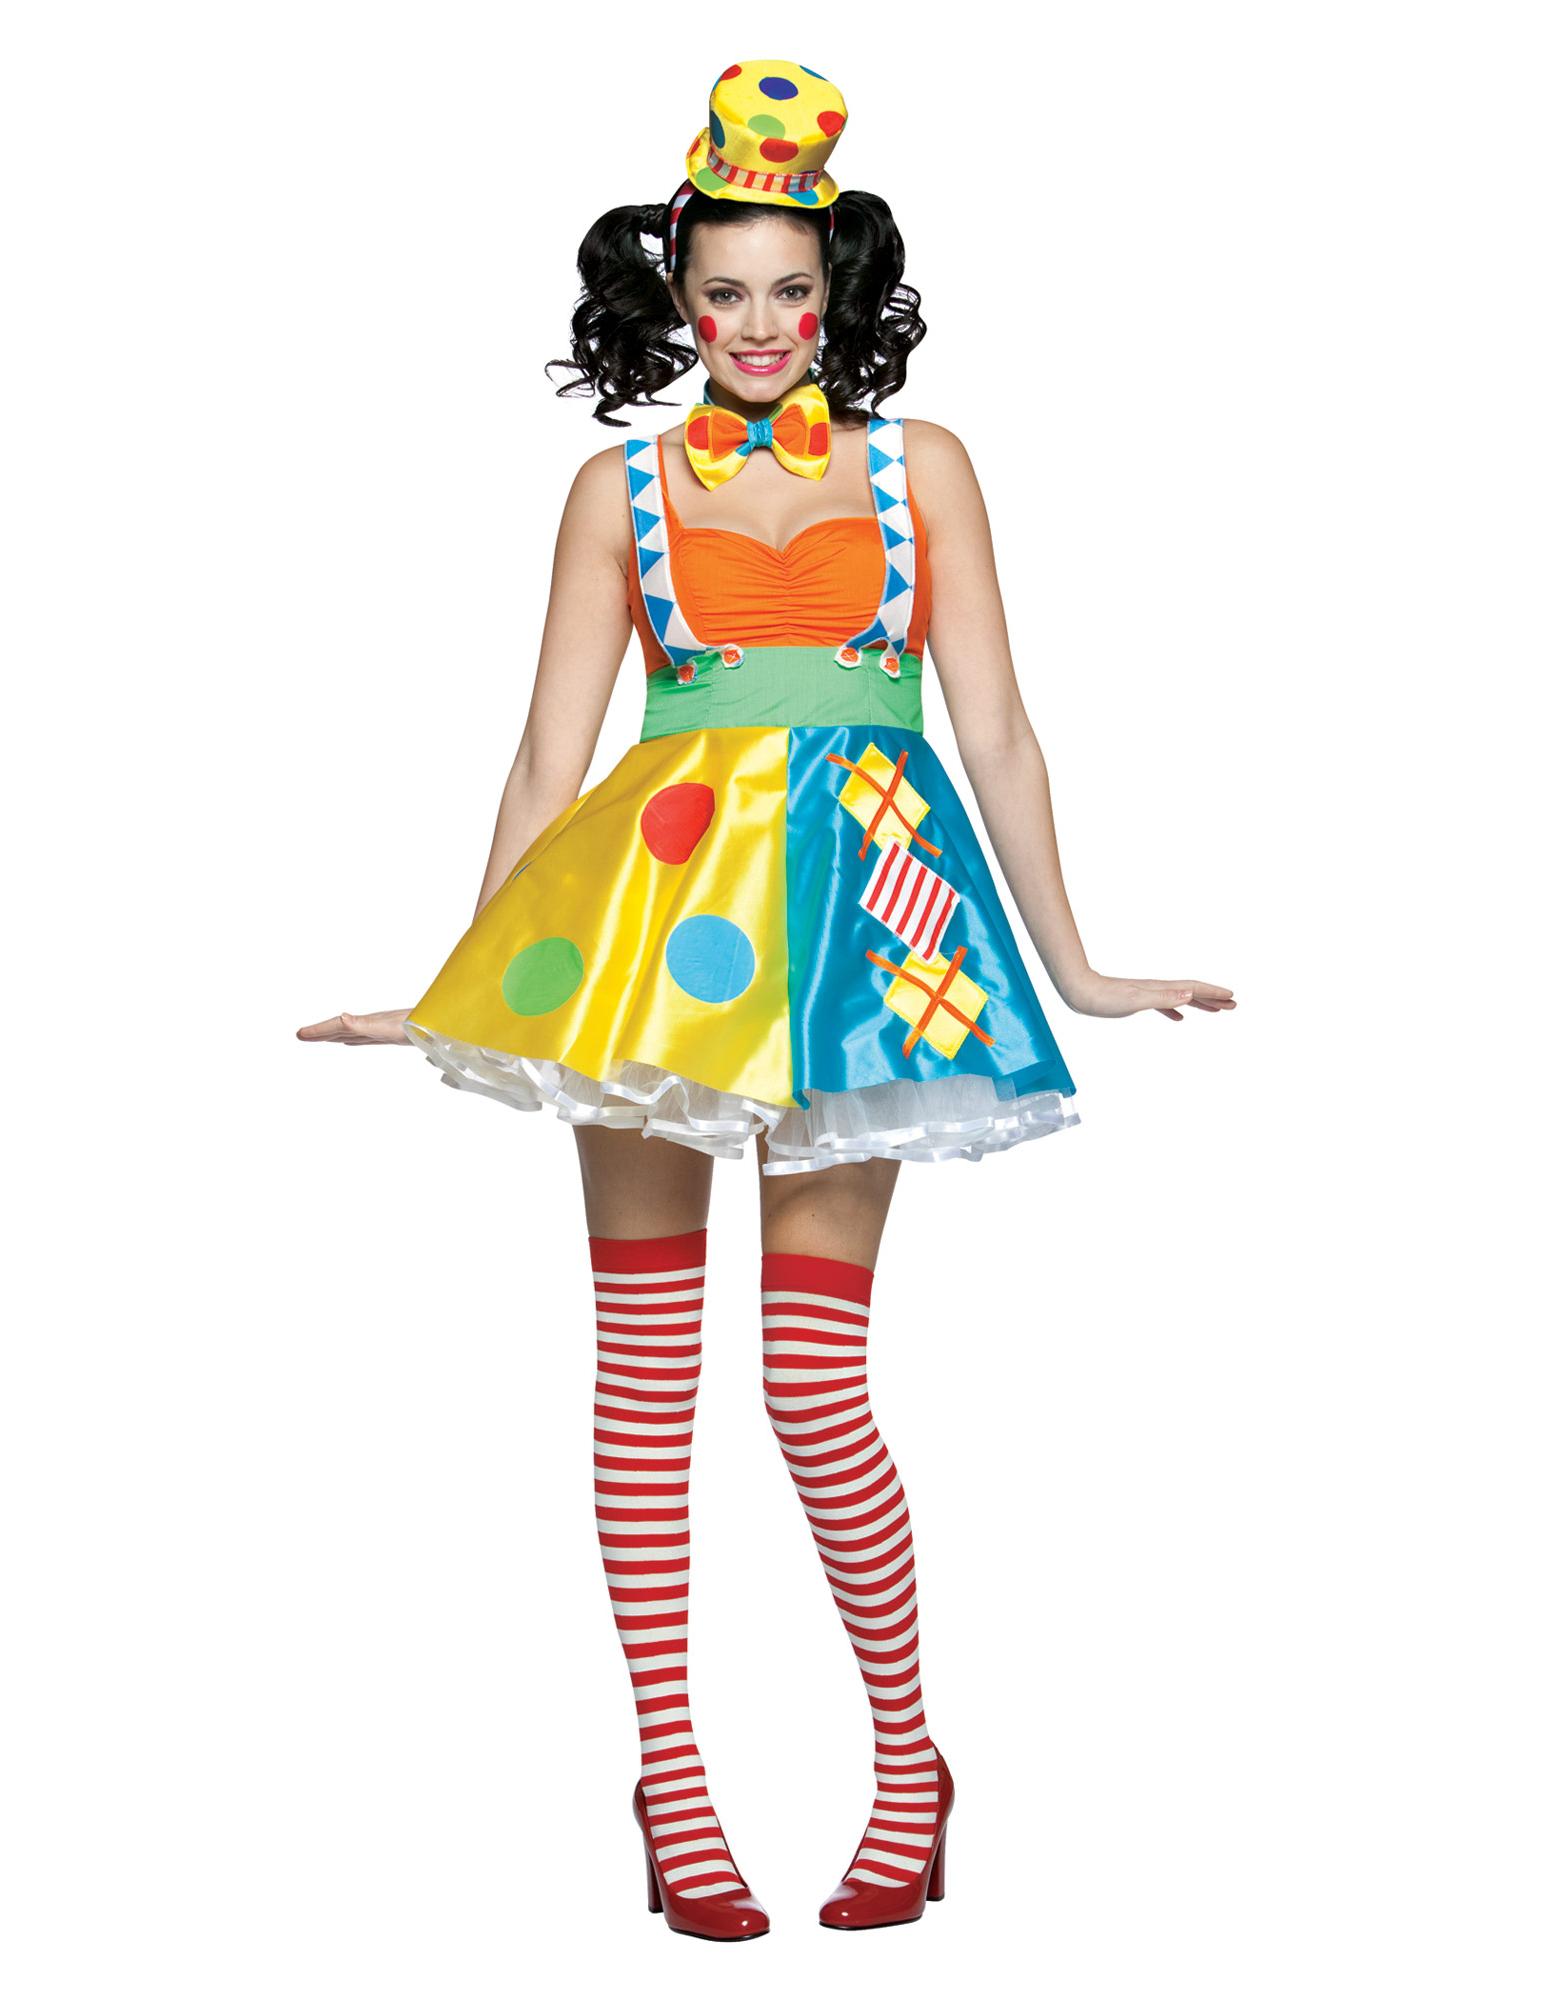 1000 images about disfraces on pinterest pocahontas costume clown costumes and pocahontas - Deguisement pocahontas femme ...